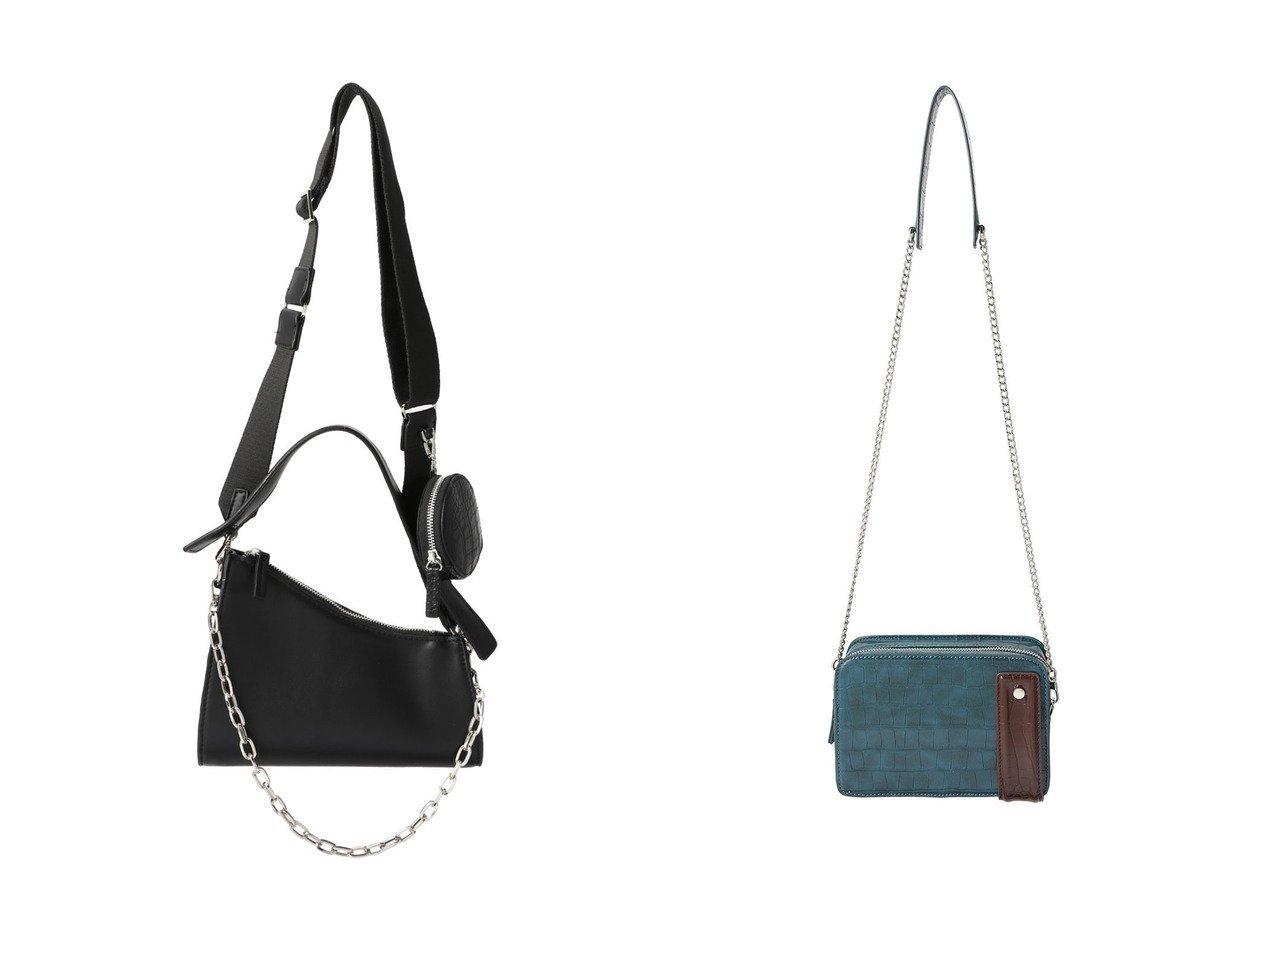 【MAISON SPECIAL/メゾンスペシャル】のメニーウェイサドルバッグ&2WAYスクエアブランコバッグ 【バッグ・鞄】おすすめ!人気、トレンド・レディースファッションの通販 おすすめで人気の流行・トレンド、ファッションの通販商品 インテリア・家具・メンズファッション・キッズファッション・レディースファッション・服の通販 founy(ファニー) https://founy.com/ ファッション Fashion レディースファッション WOMEN バッグ Bag 2020年 2020 2020-2021秋冬・A/W AW・Autumn/Winter・FW・Fall-Winter/2020-2021 2021年 2021 2021-2022秋冬・A/W AW・Autumn/Winter・FW・Fall-Winter・2021-2022 A/W・秋冬 AW・Autumn/Winter・FW・Fall-Winter ショルダー スポーティ チェーン ポーチ ラップ スクエア パーティ フェイクレザー |ID:crp329100000068594